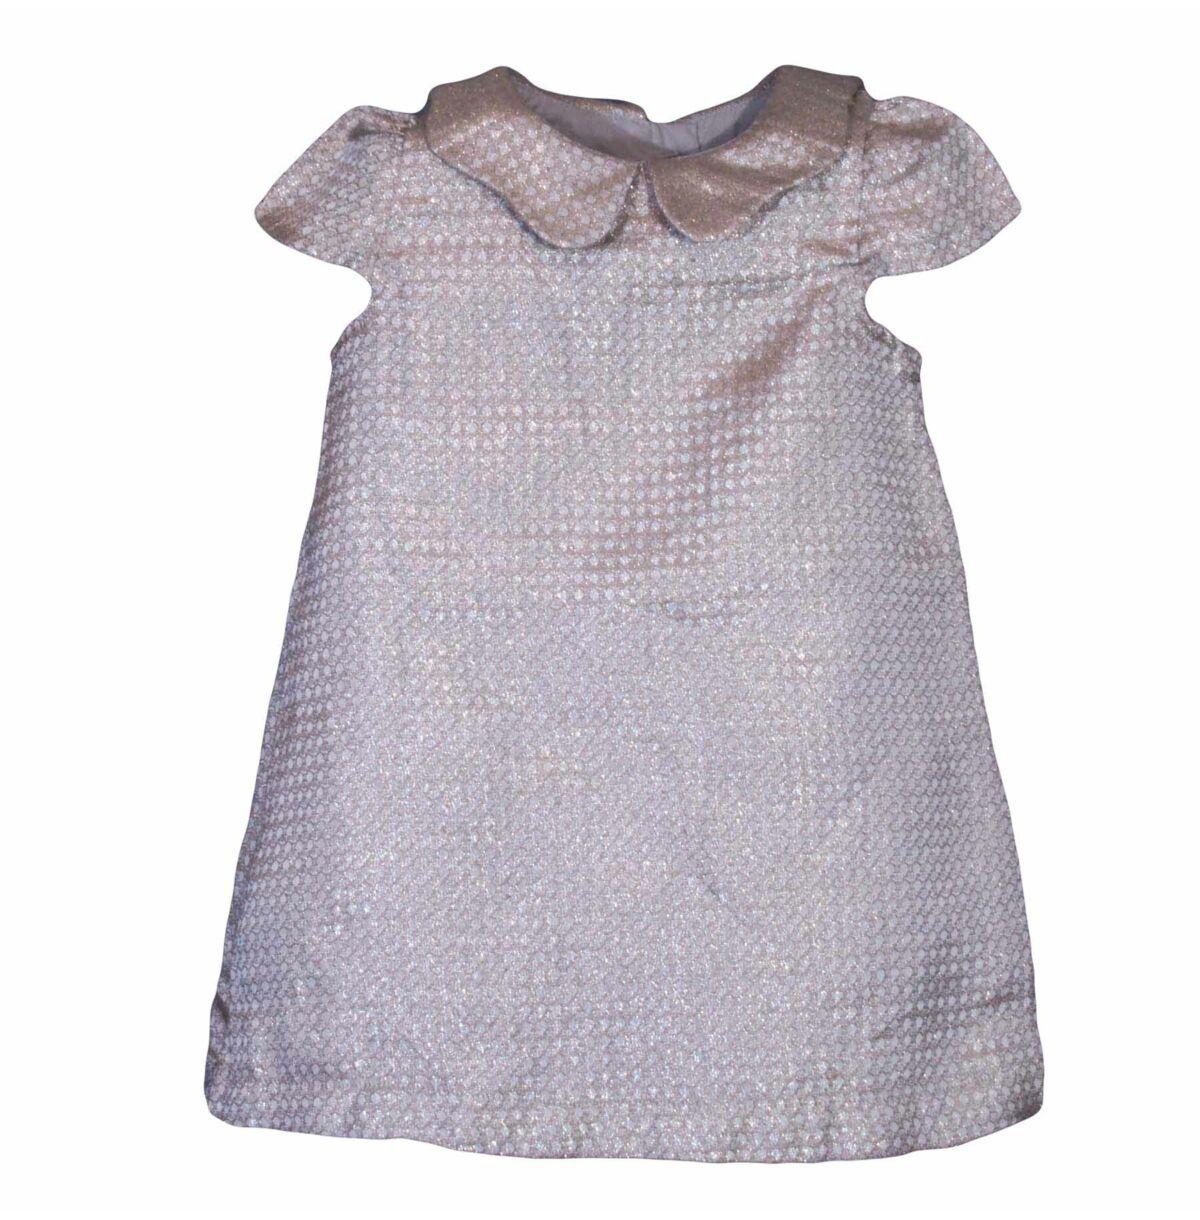 használt gyerekruha 1a7cccbc53